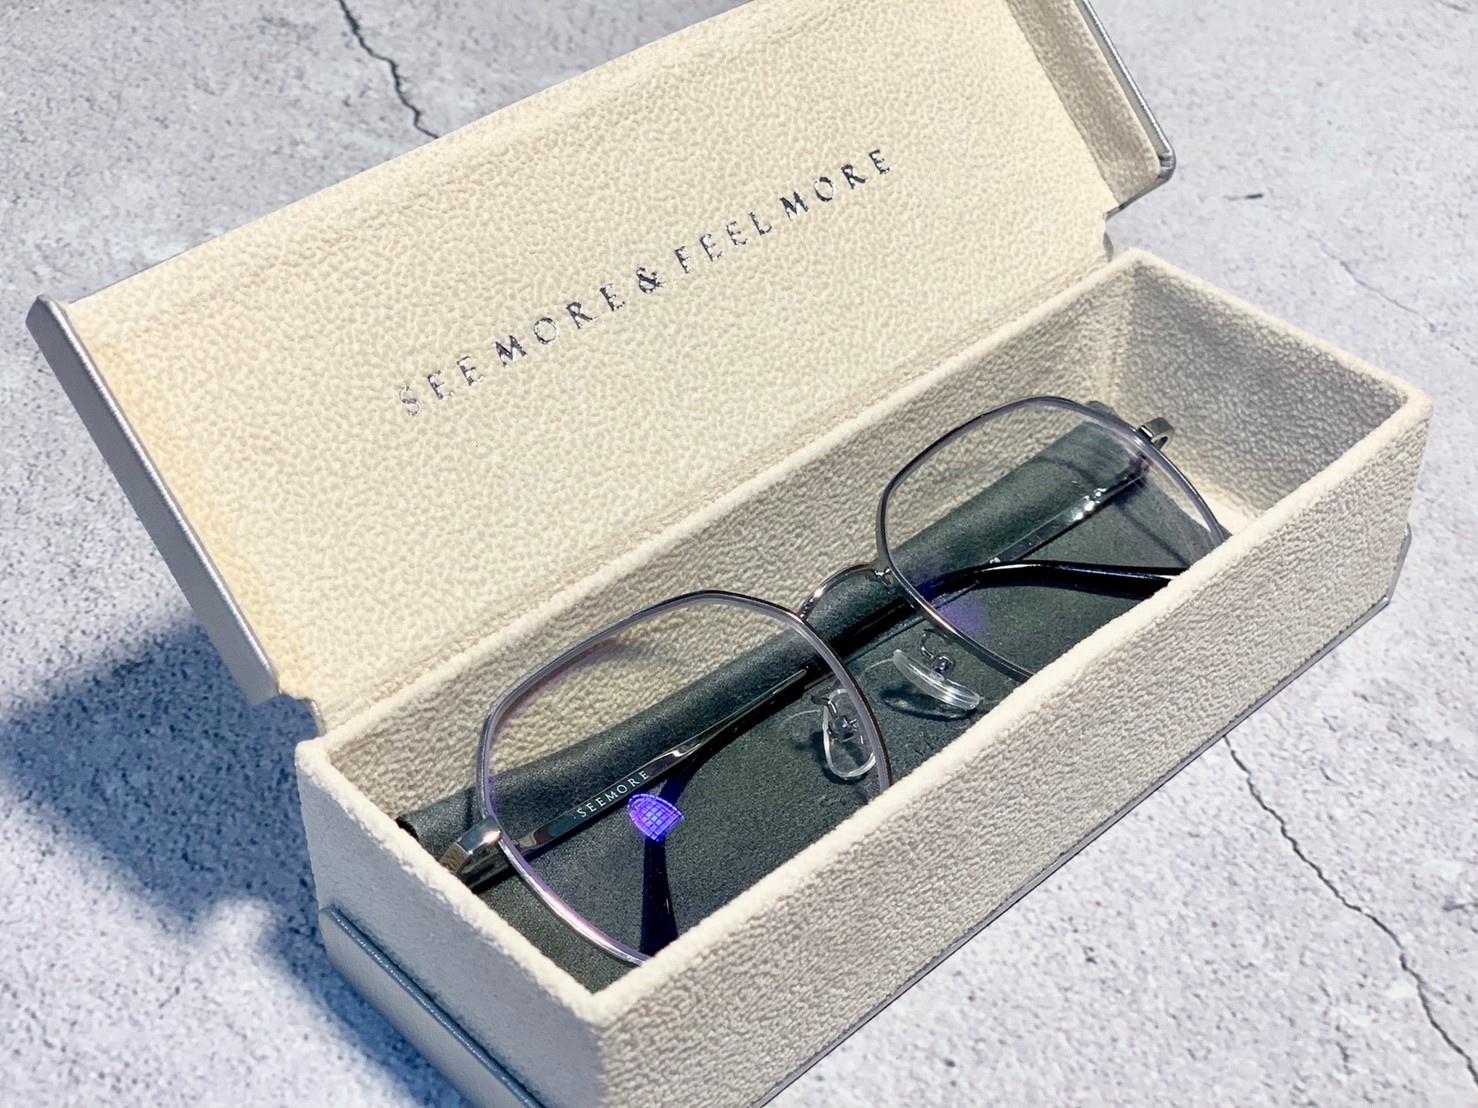 【台南永康】手目耳眼鏡SeeMore 復國店│配眼鏡還可坐下來喝一杯好咖啡【獨家旅行式配鏡 價格透明化】文青風格/大學生兩人同行,第二付免費/手目耳尋味所計畫-支持在地品牌